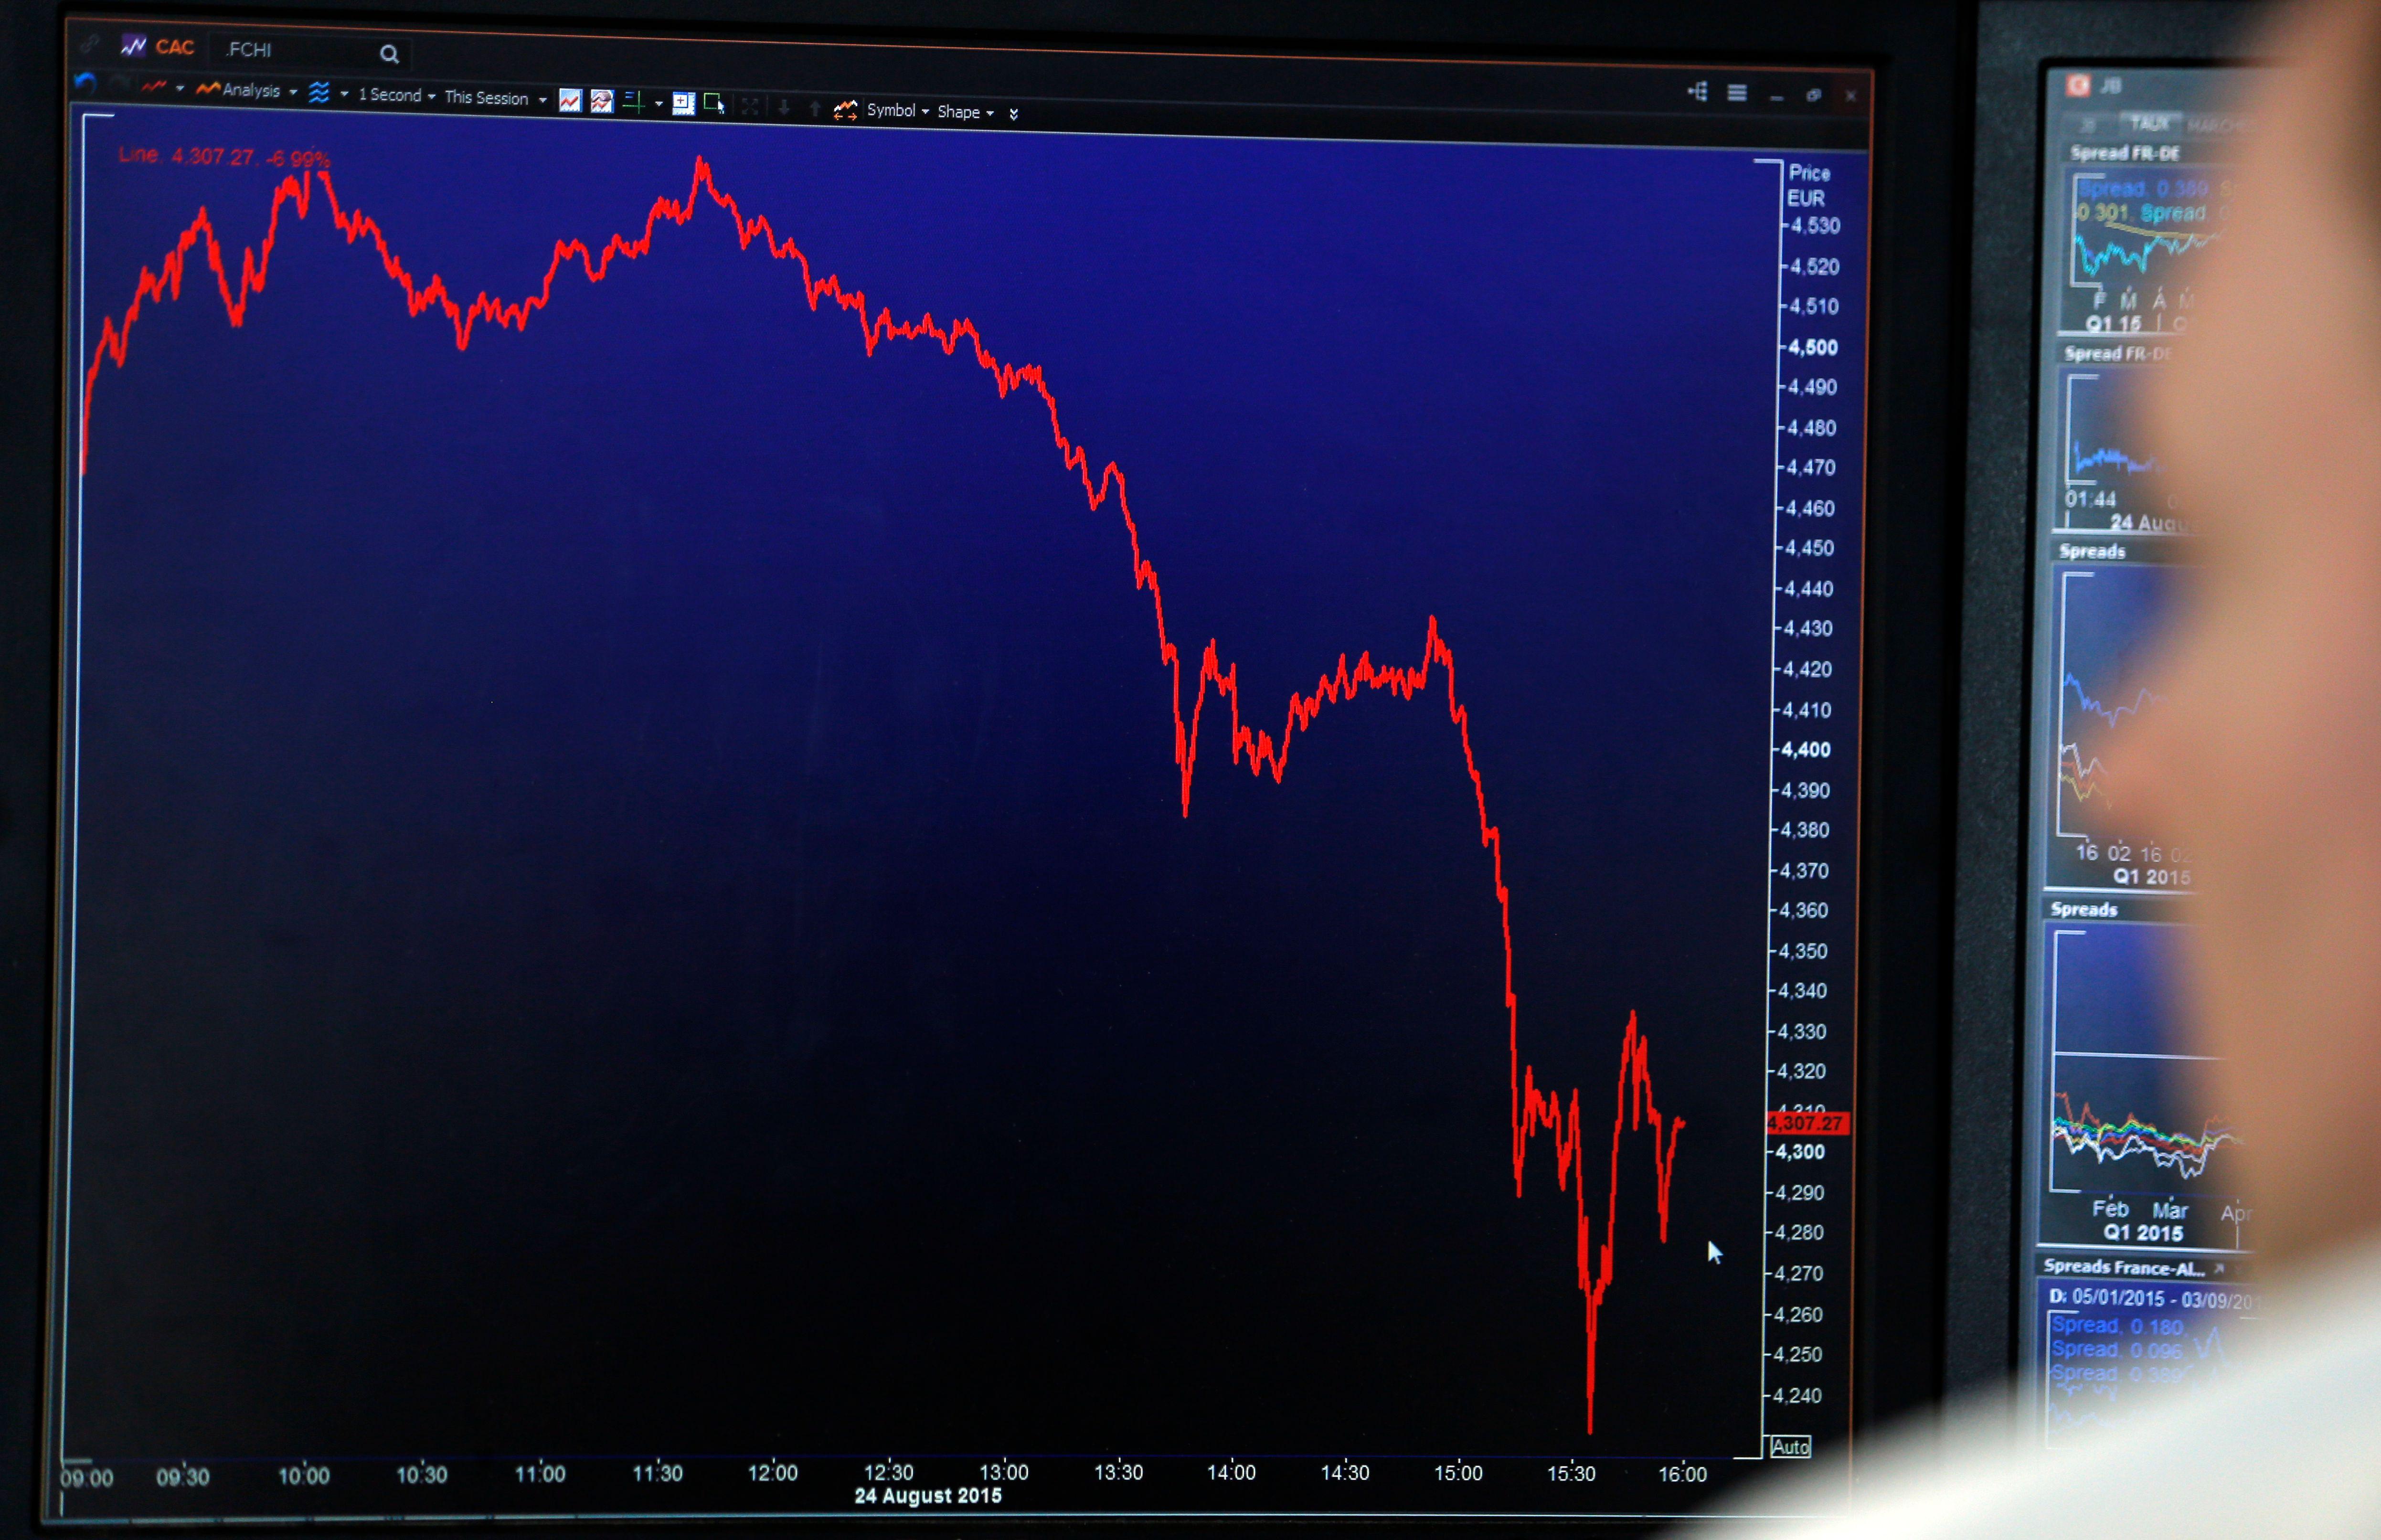 Corona-krach : Les entreprises ont mieux compris que les gouvernements les risques d'effondrement et s'organisent plus vite pour échapper au pire